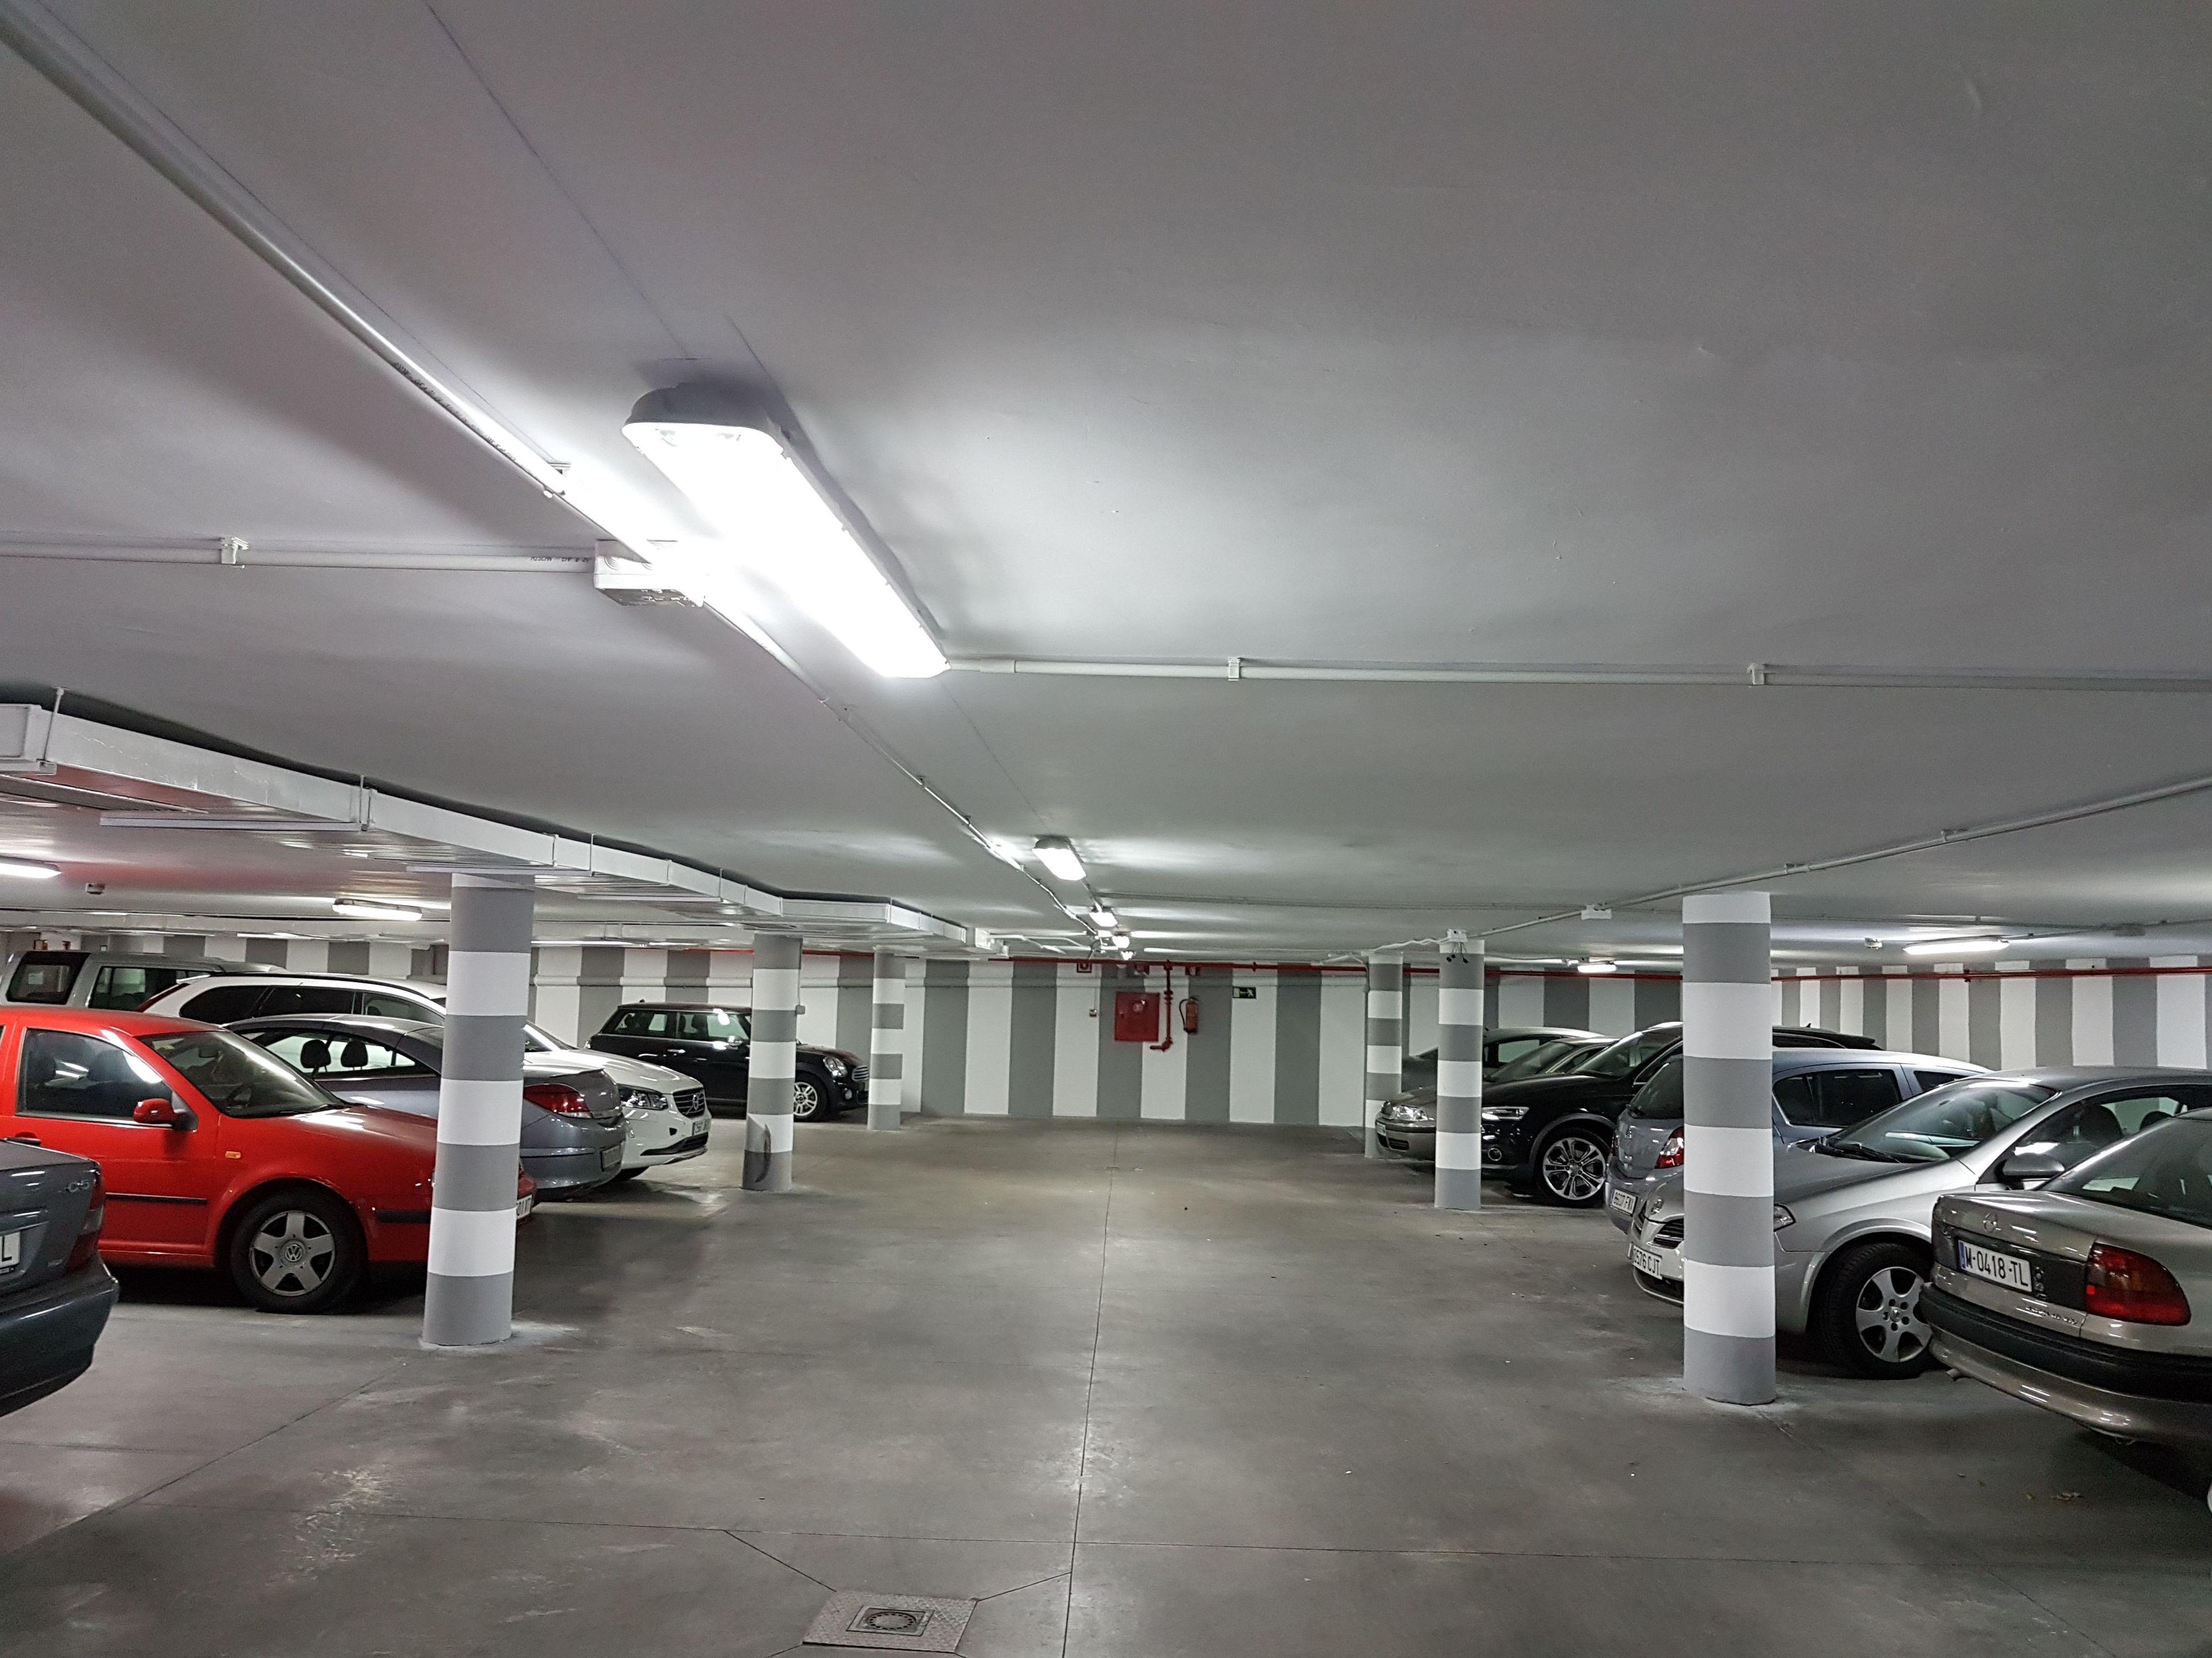 Canalizacion libre de halogenos y alumbrado Led garaje.